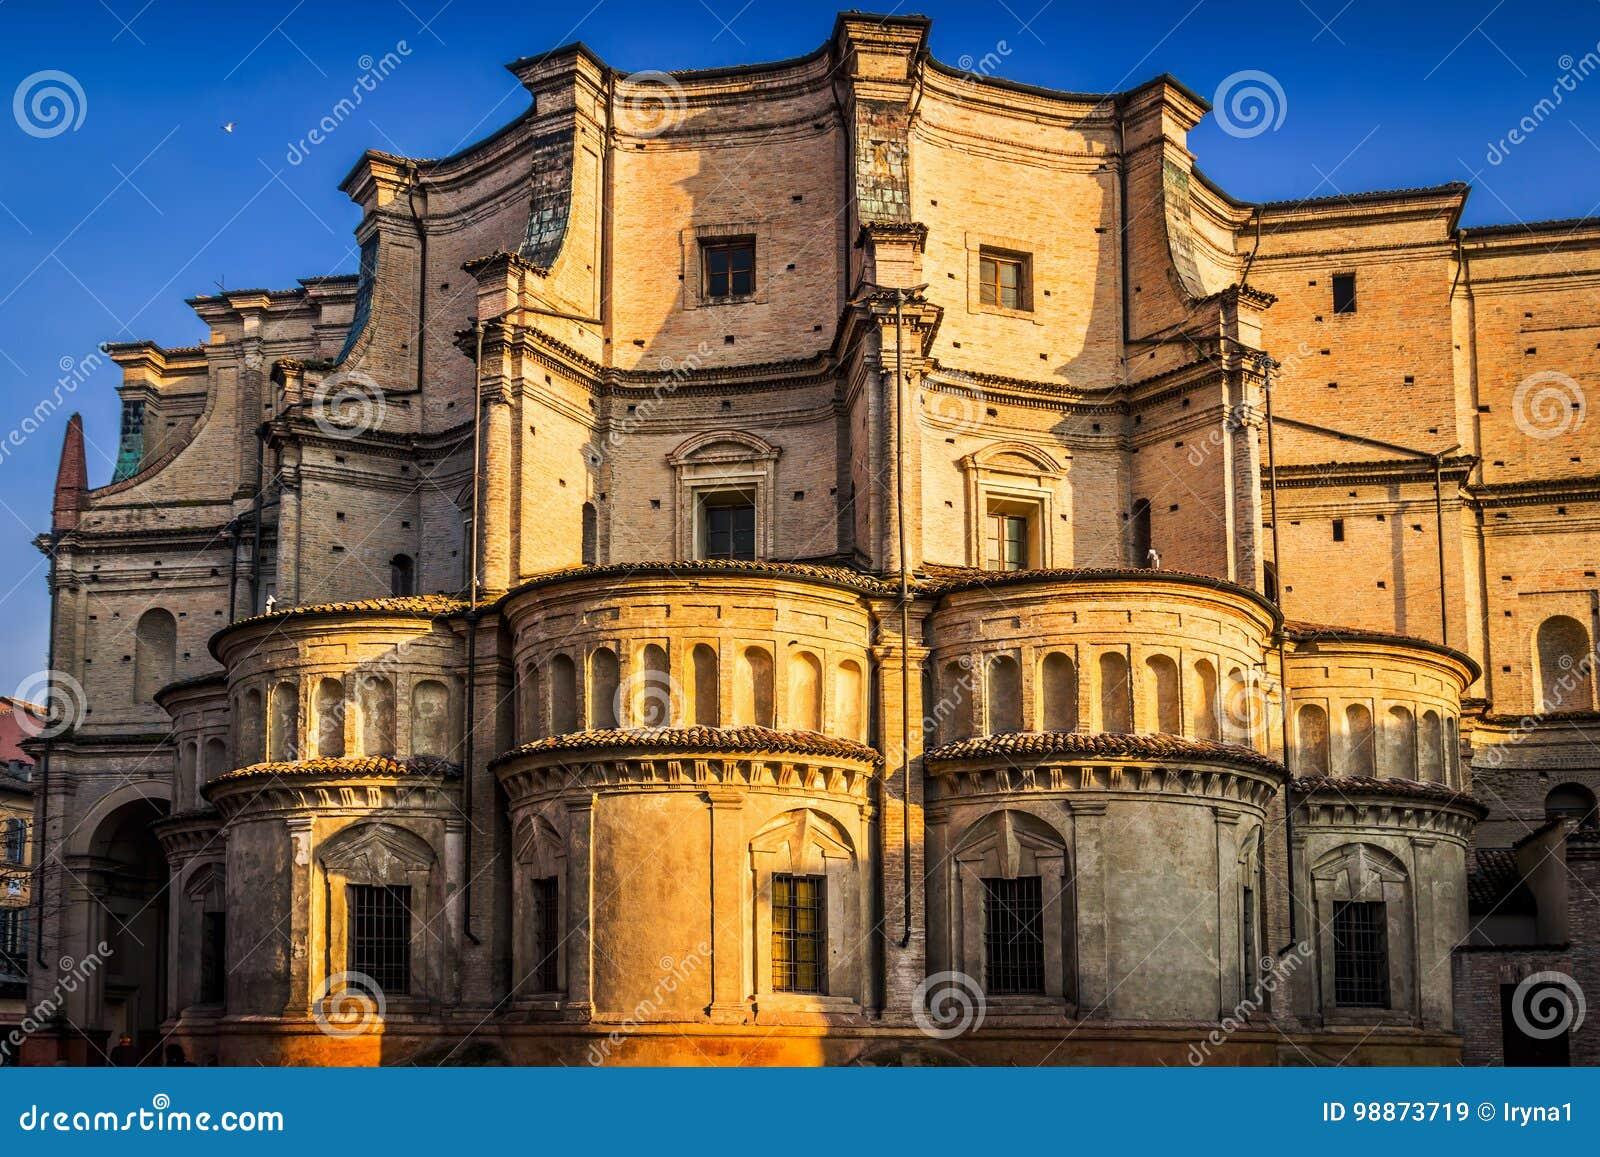 der-santissima-annunziata-auch-angerufen-die-basilika-del-paradiso-ist-eine-renaissanceart-roemisch-katholische-kirche-in-parma-emilia-romagna-italien